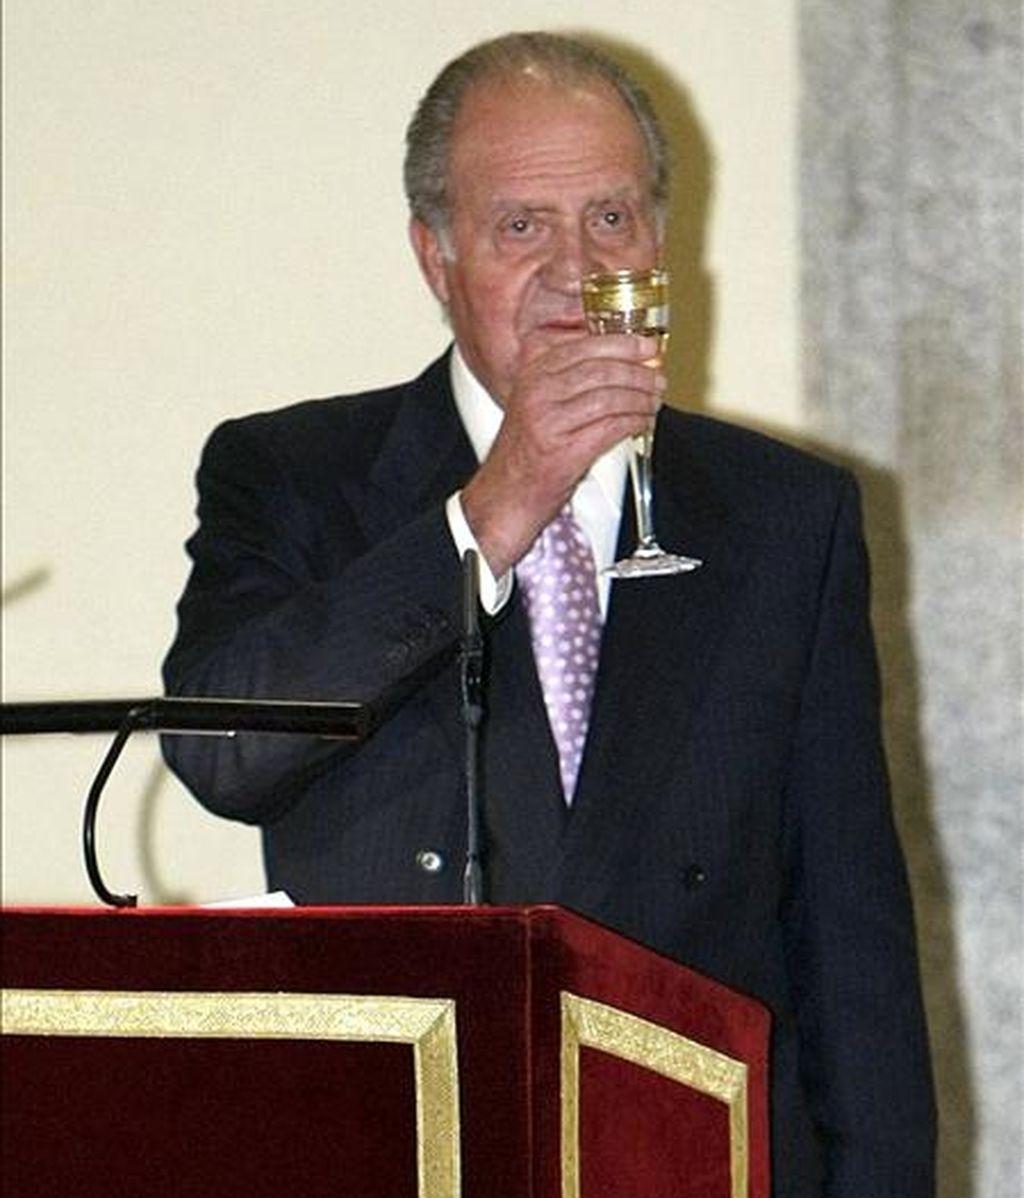 El rey Juan Carlos, durante un brindis tras su discurso en el palacio de El Pardo el pasado mes de noviembre, donde presidió la reunión anual del Patronato del Instituto Cervantes. EFE/Archivo